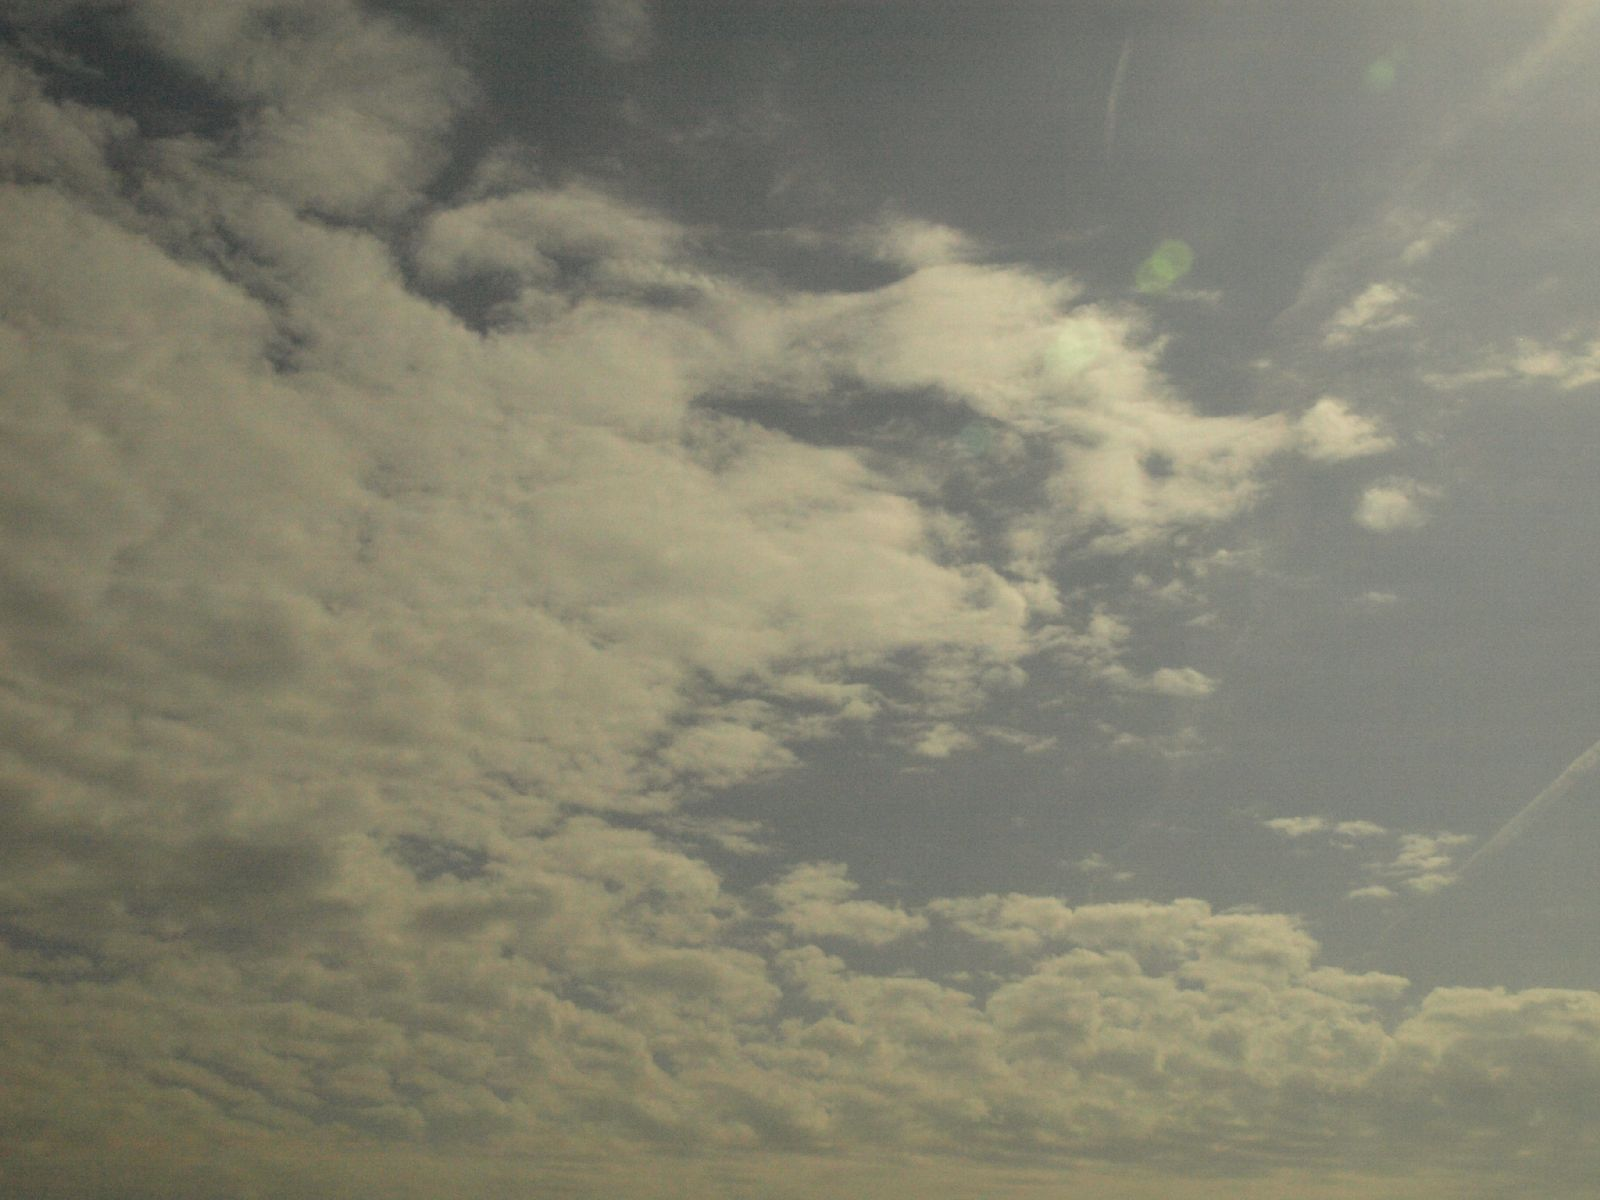 Himmel-Wolken-Foto_Textur_A_P4101871